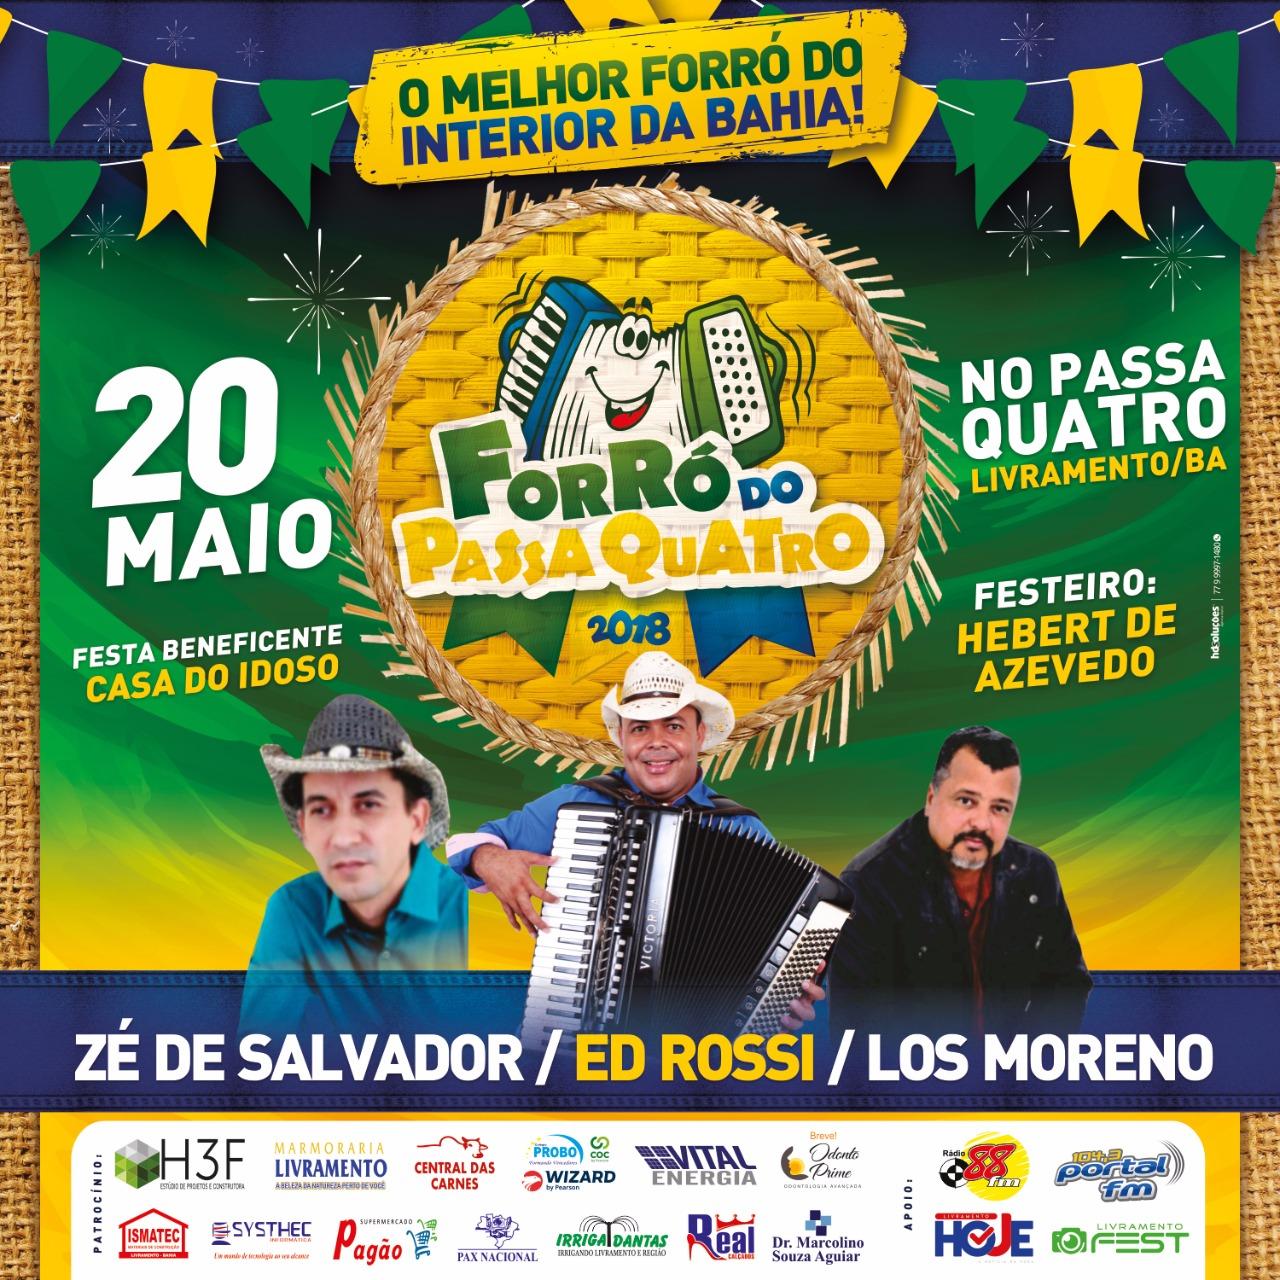 Livramento: Zé de Salvador, Ed Rossi e Los Morenos irão animar o segundo Domingo de  Sol do Passa Quatro